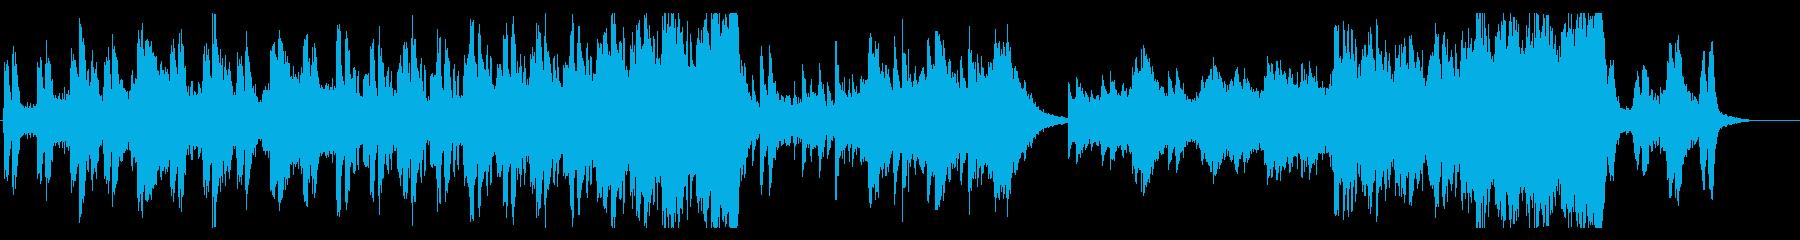 淡々と不安を煽るサスペンス系BGMの再生済みの波形